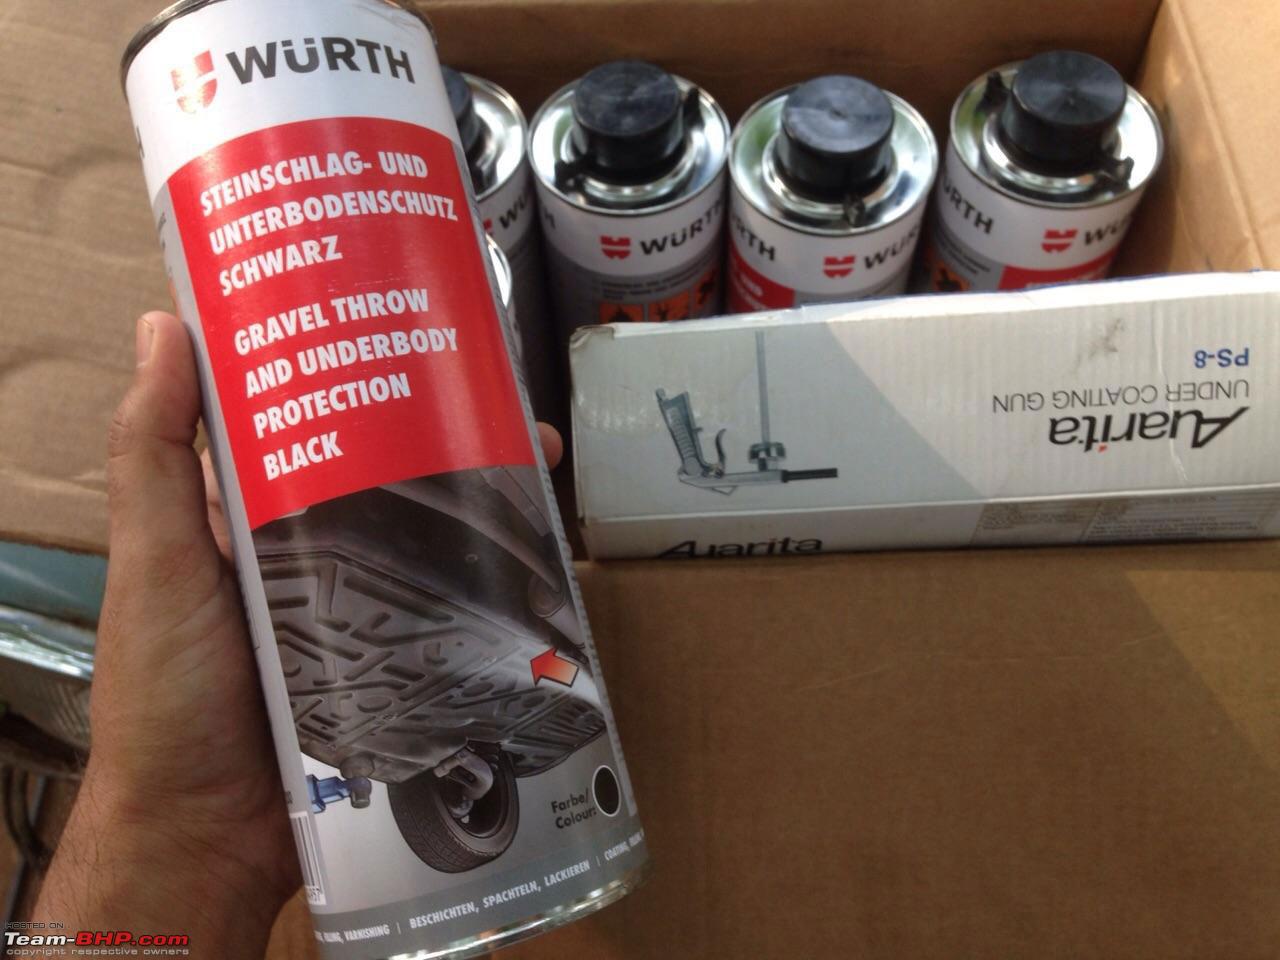 sơn phủ gầm Wurth chính hãng của Đức